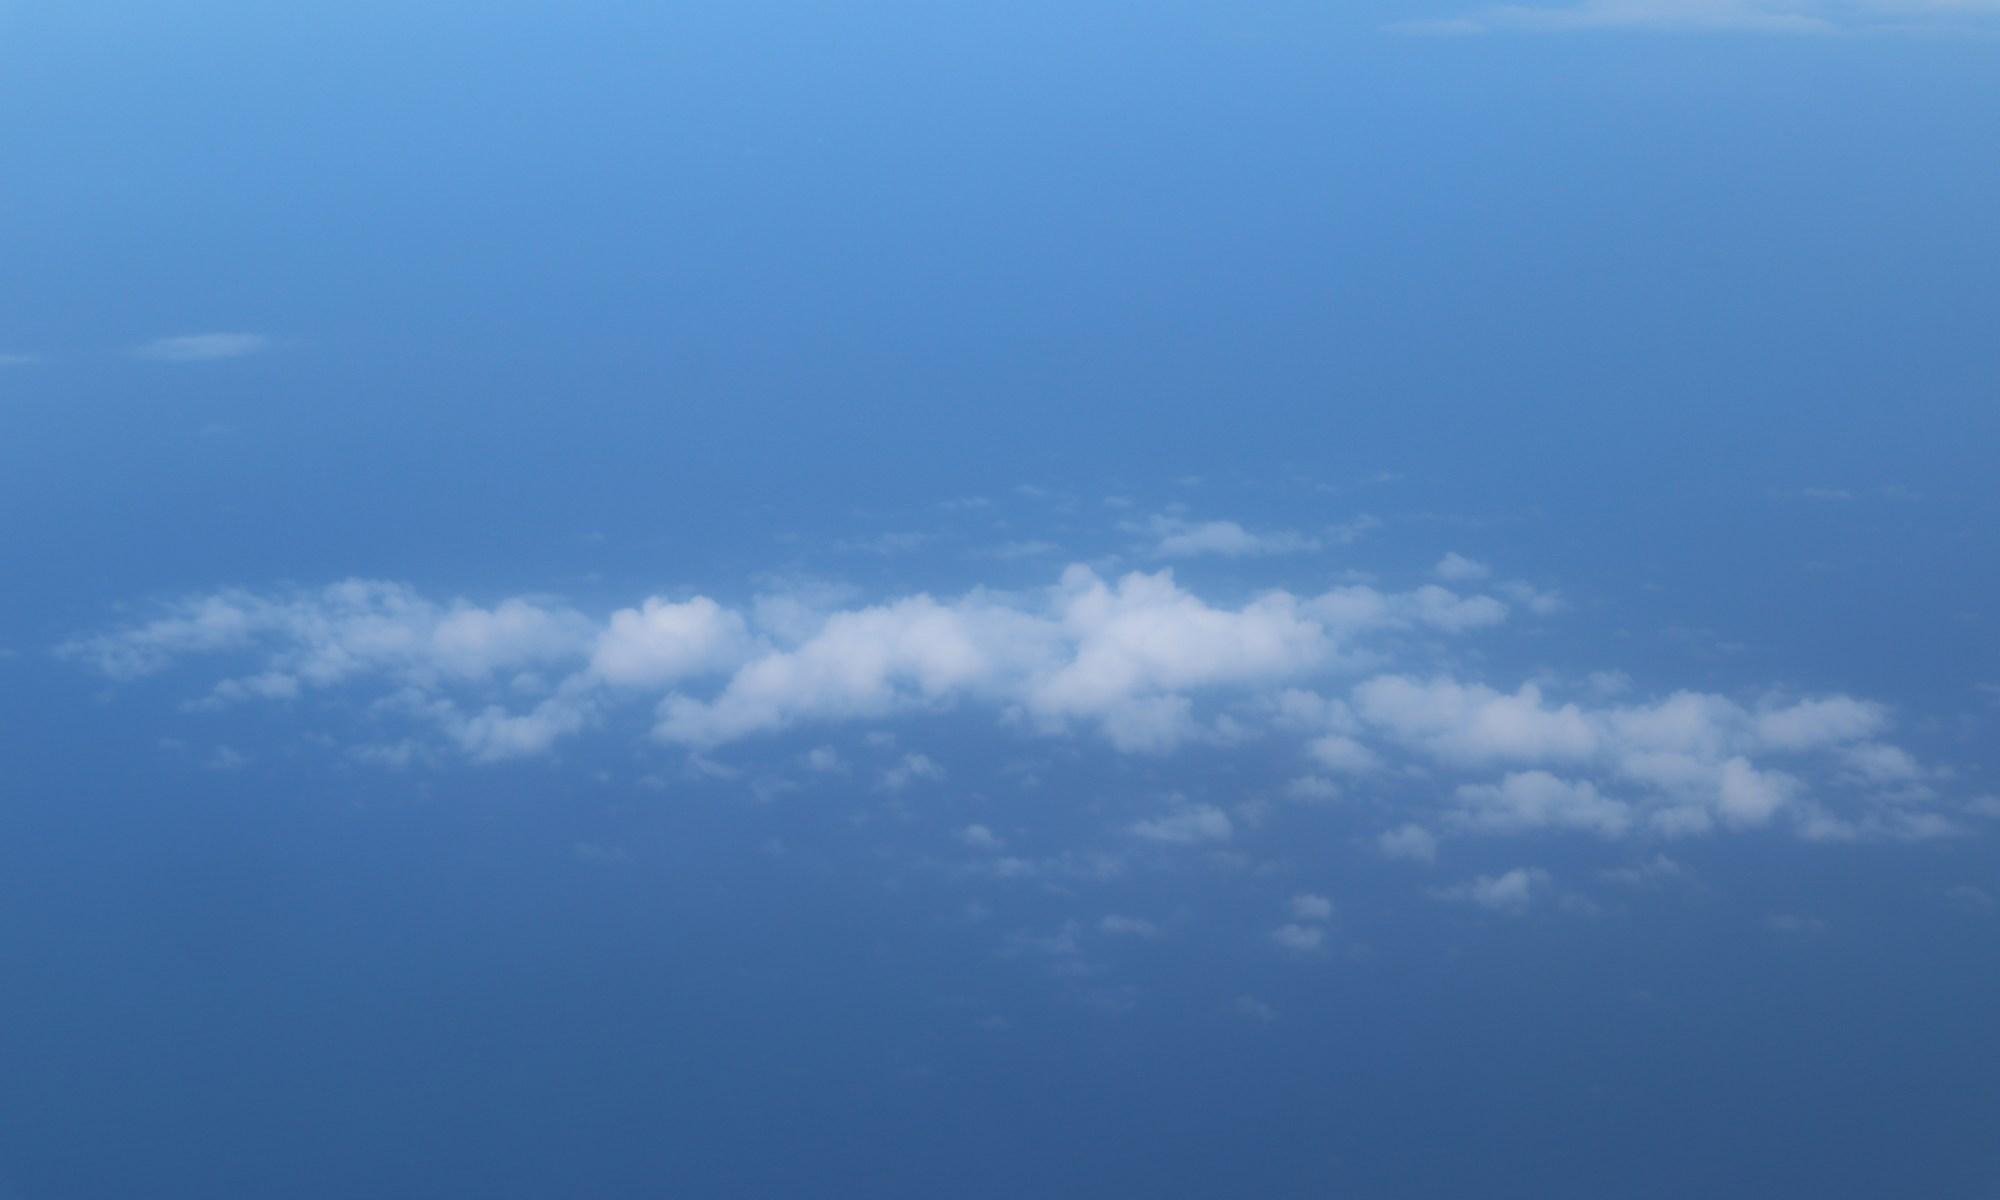 Petit nuage blanc dans le ciel